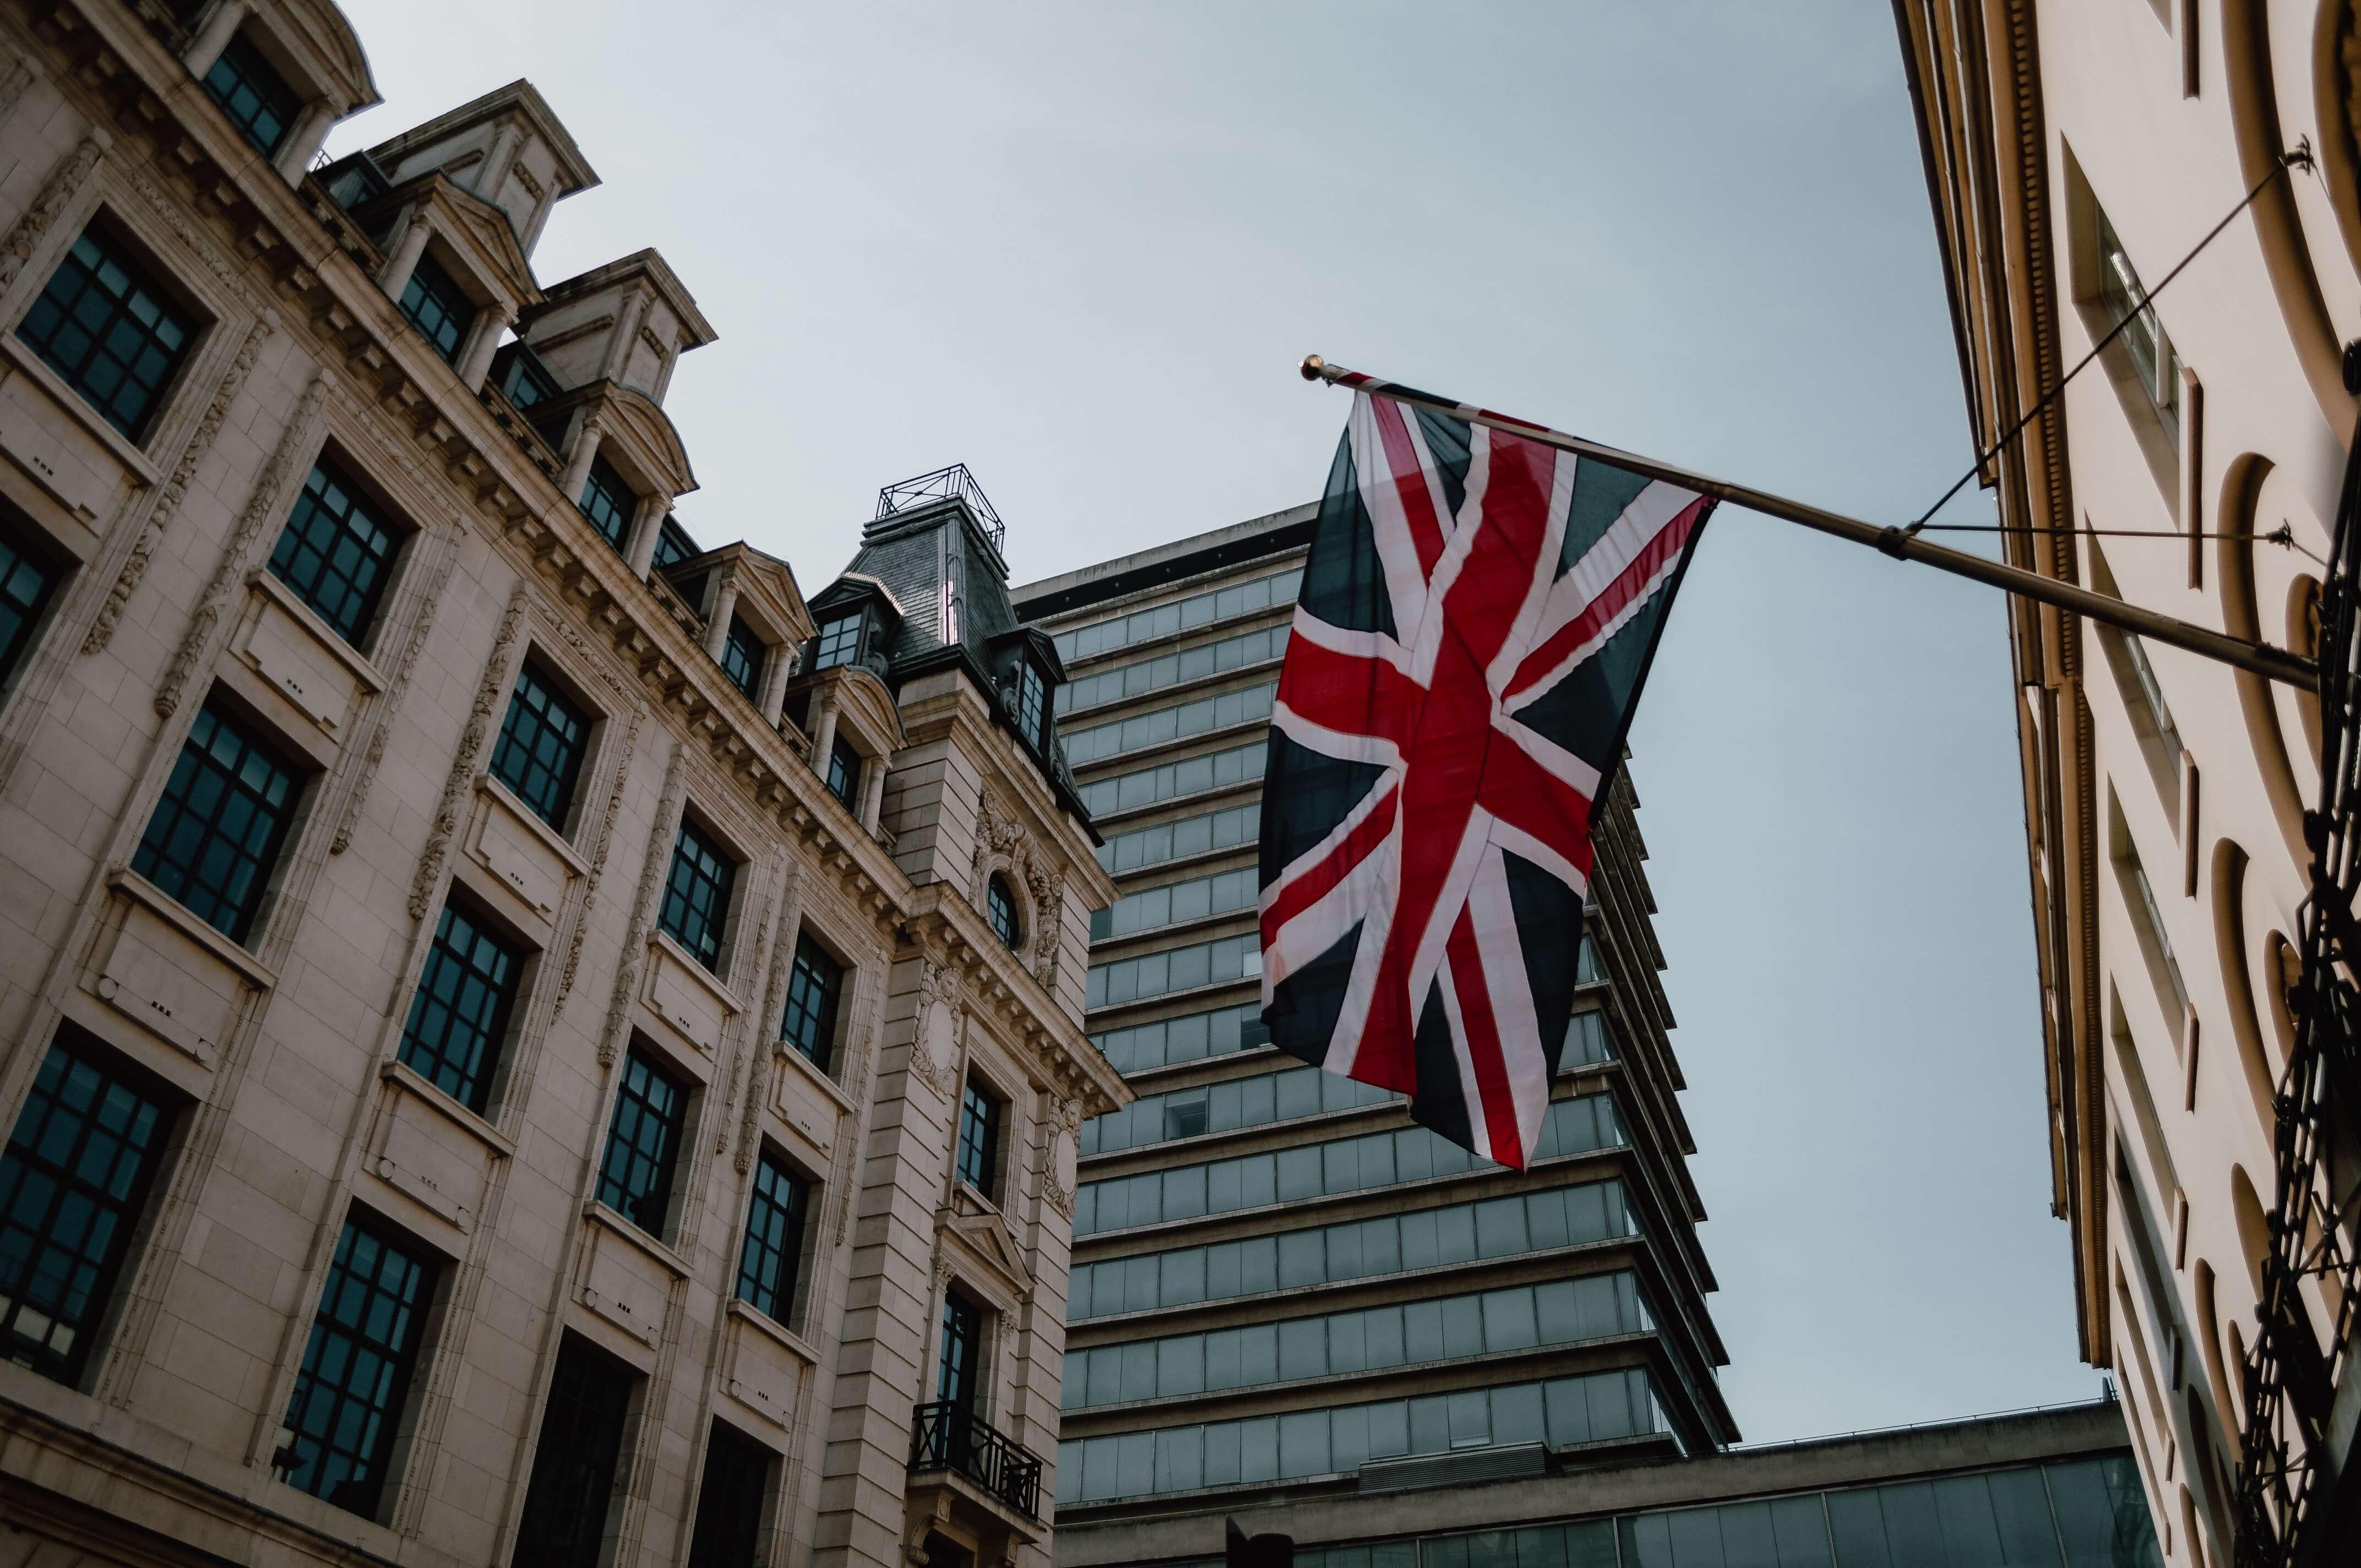 Bandiera Regno Unito in città